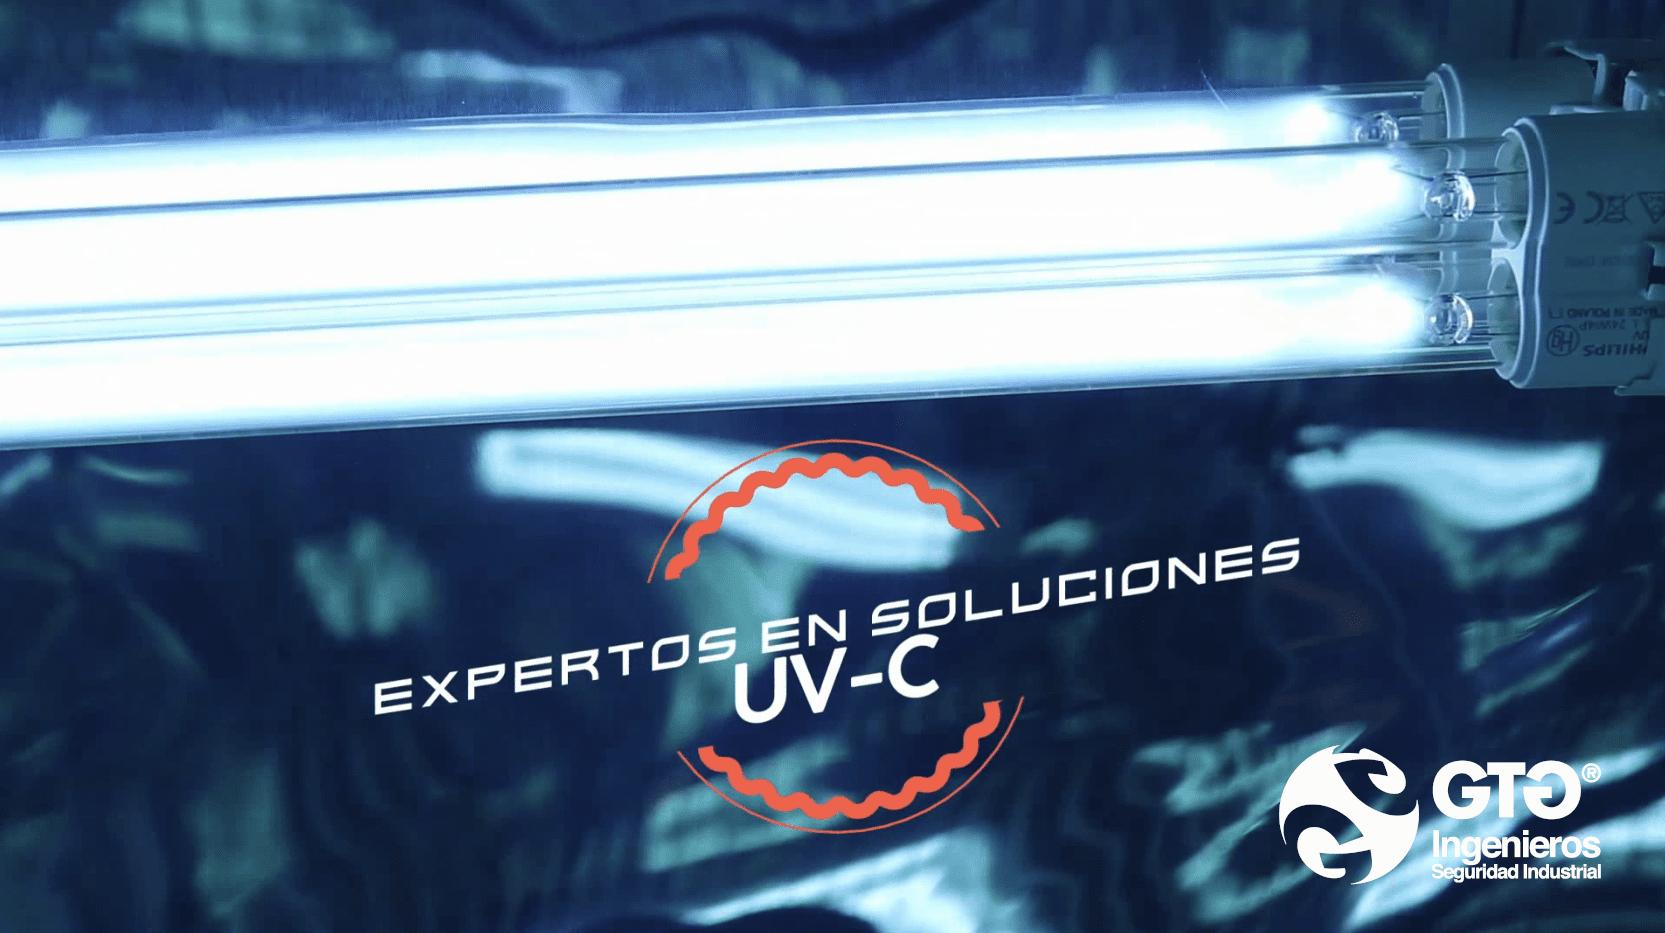 Expertos en soluciones UV-C